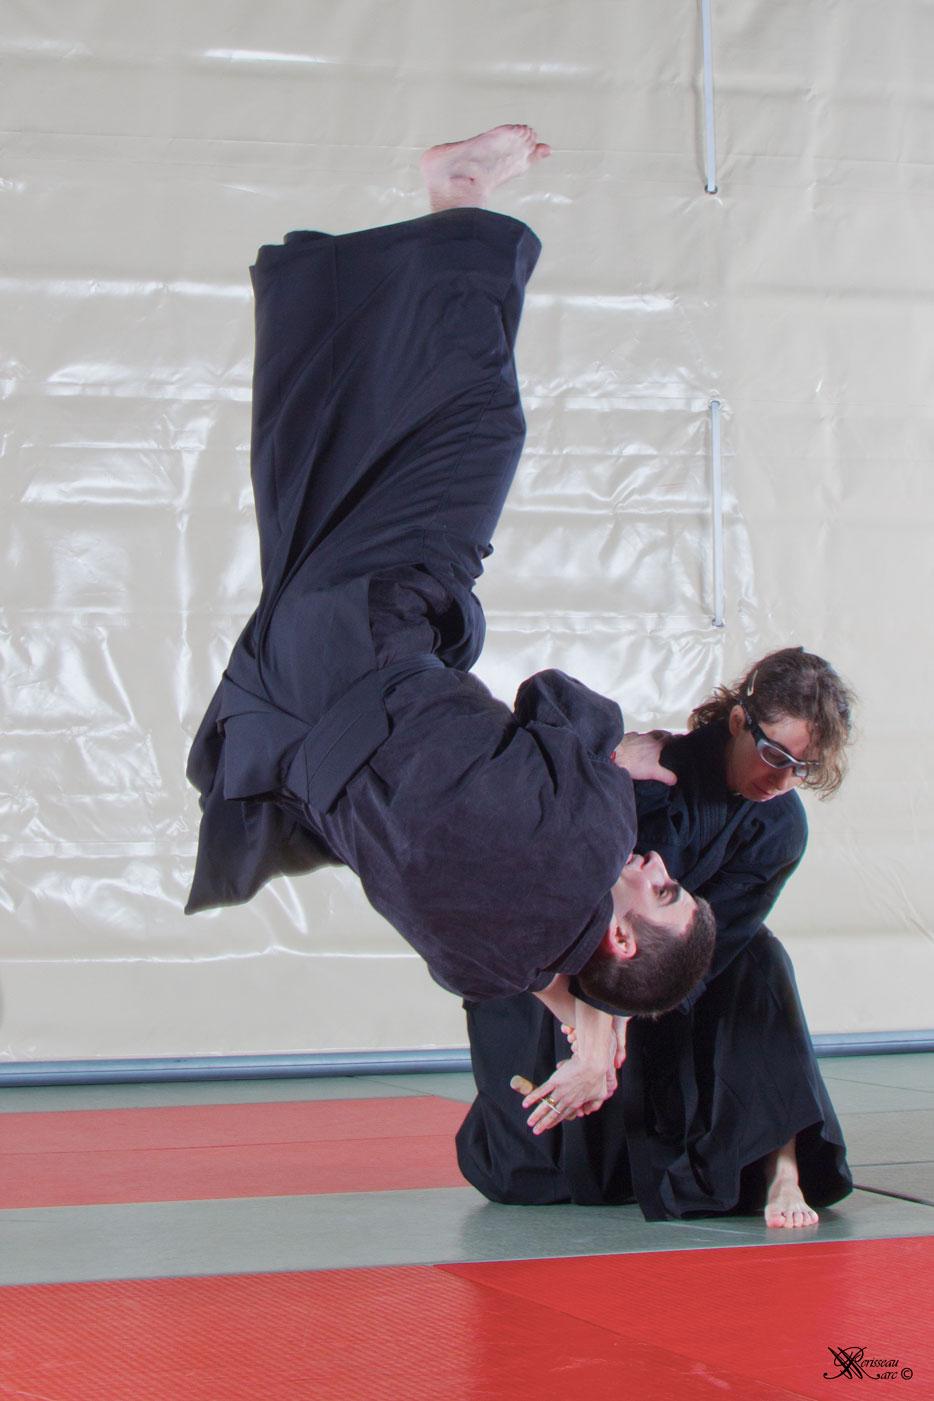 Mushin Ryu Ju Jutsu - Kote maki